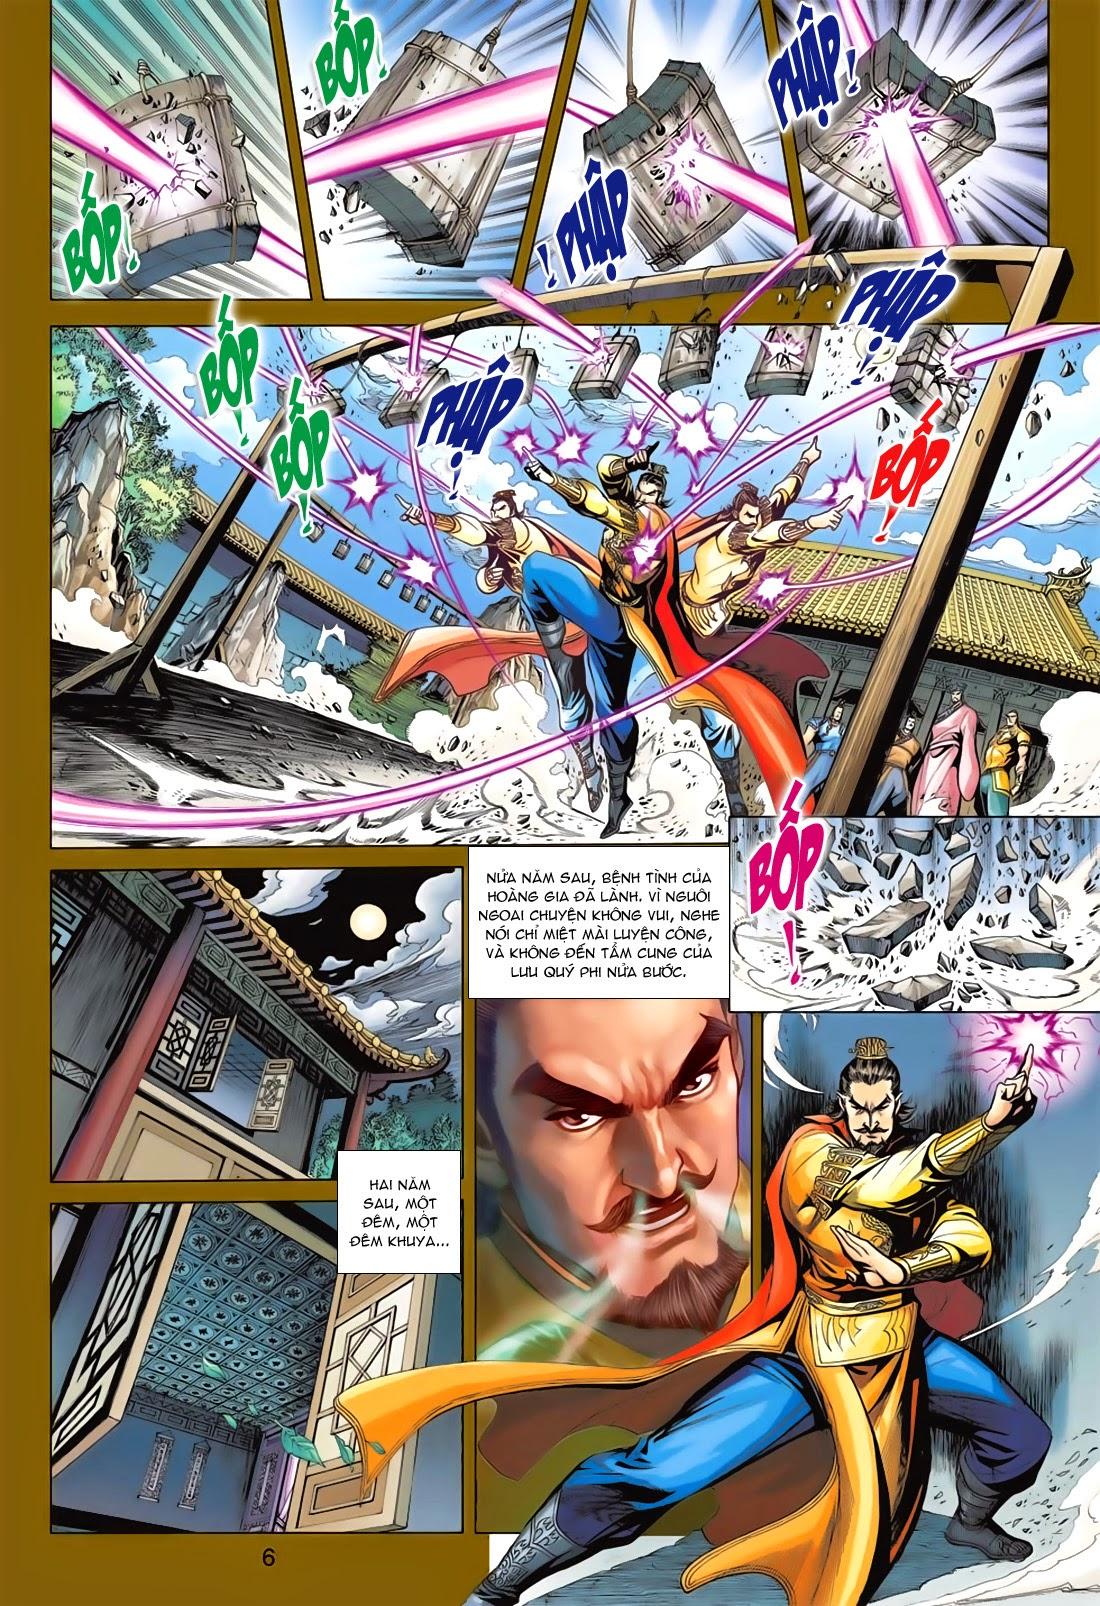 Anh Hùng Xạ Điêu anh hùng xạ đêu chap 78: sát anh trang 6